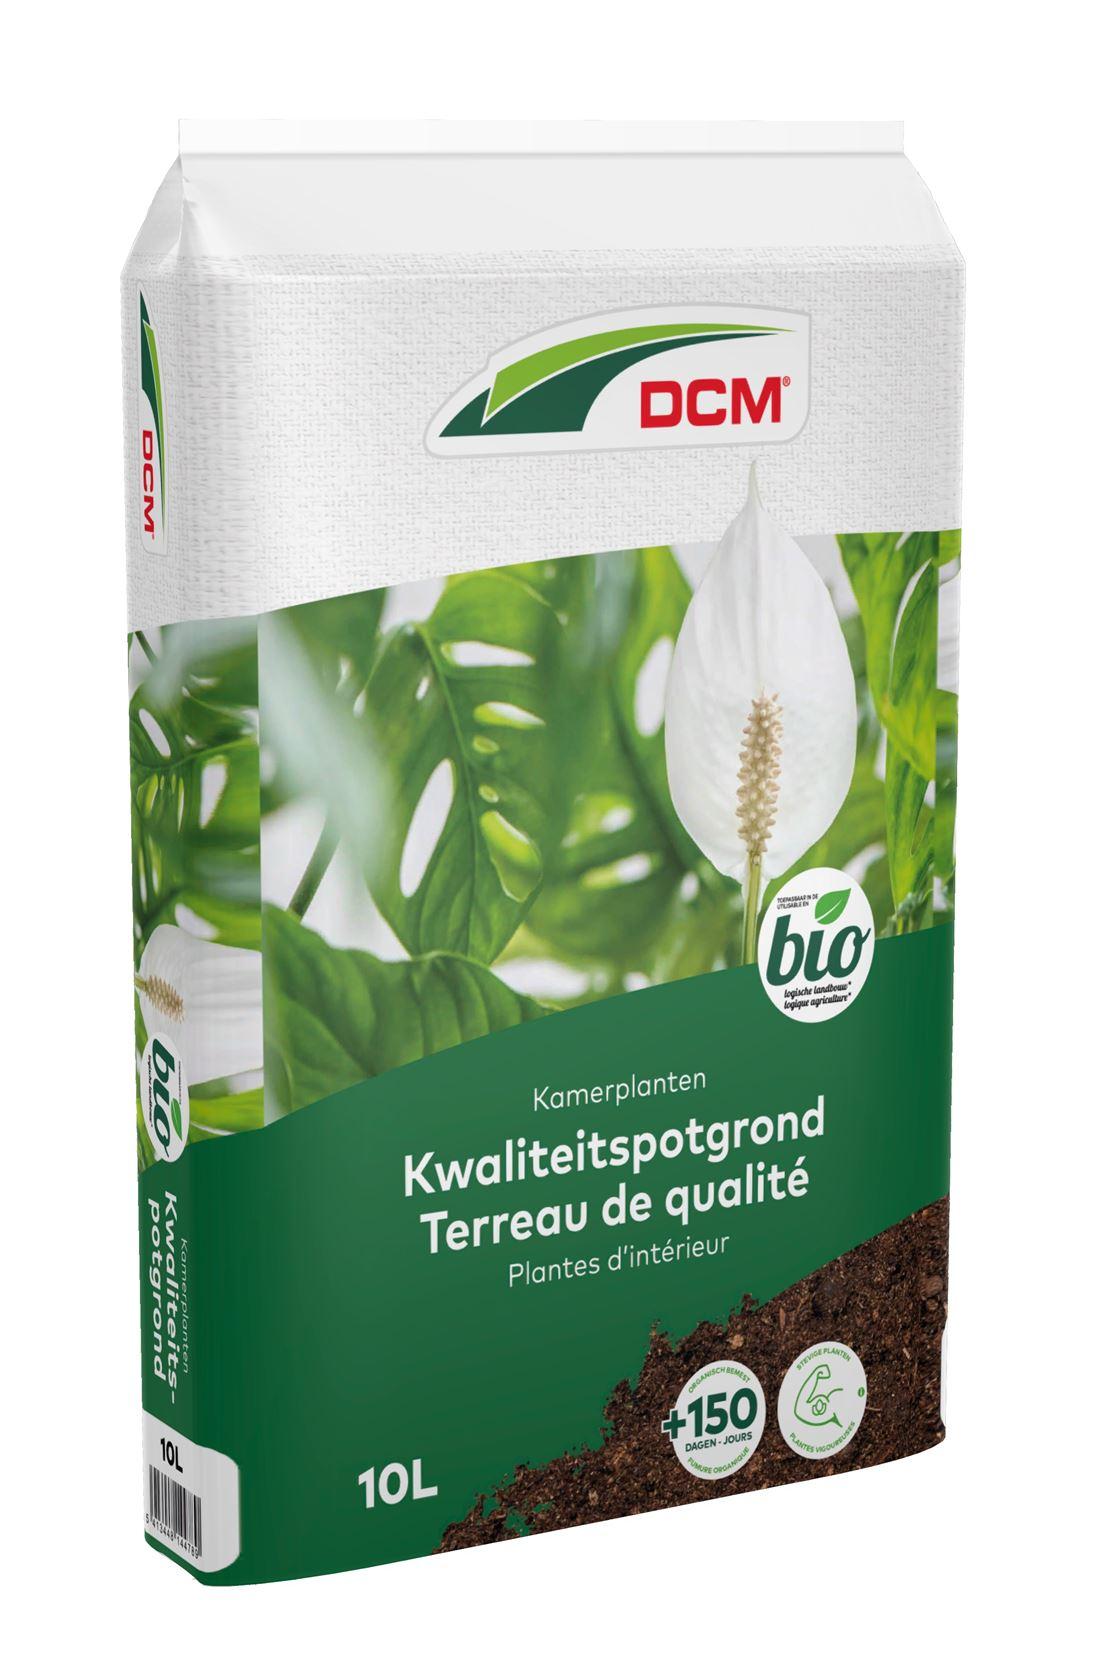 Ecoterra-potgrond-voor-kamerplanten-10L-Bio-inclusief-meststof